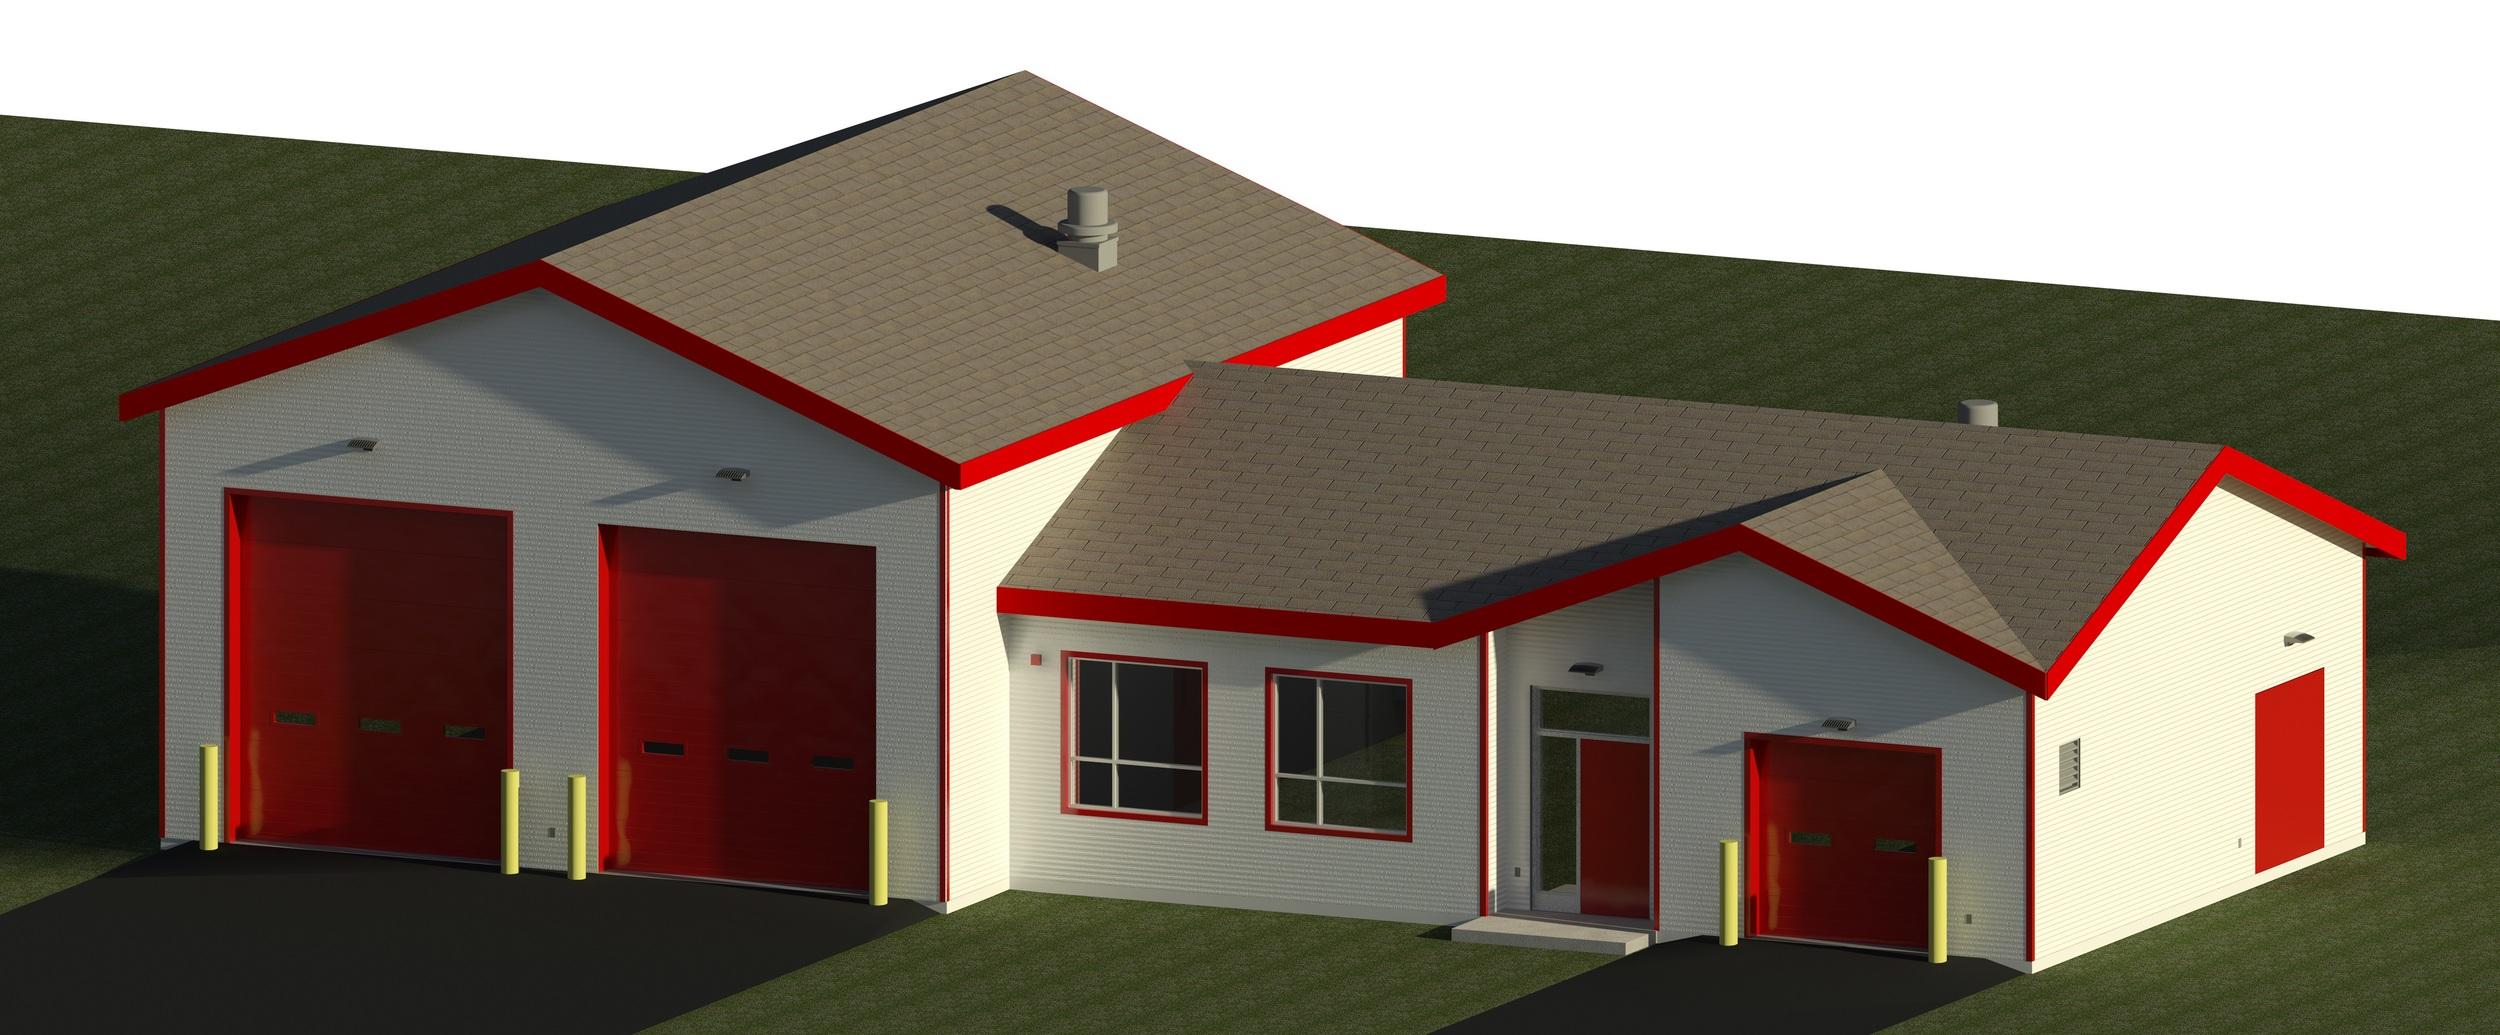 Rigolet Fire Hall - Rendering 2.jpg